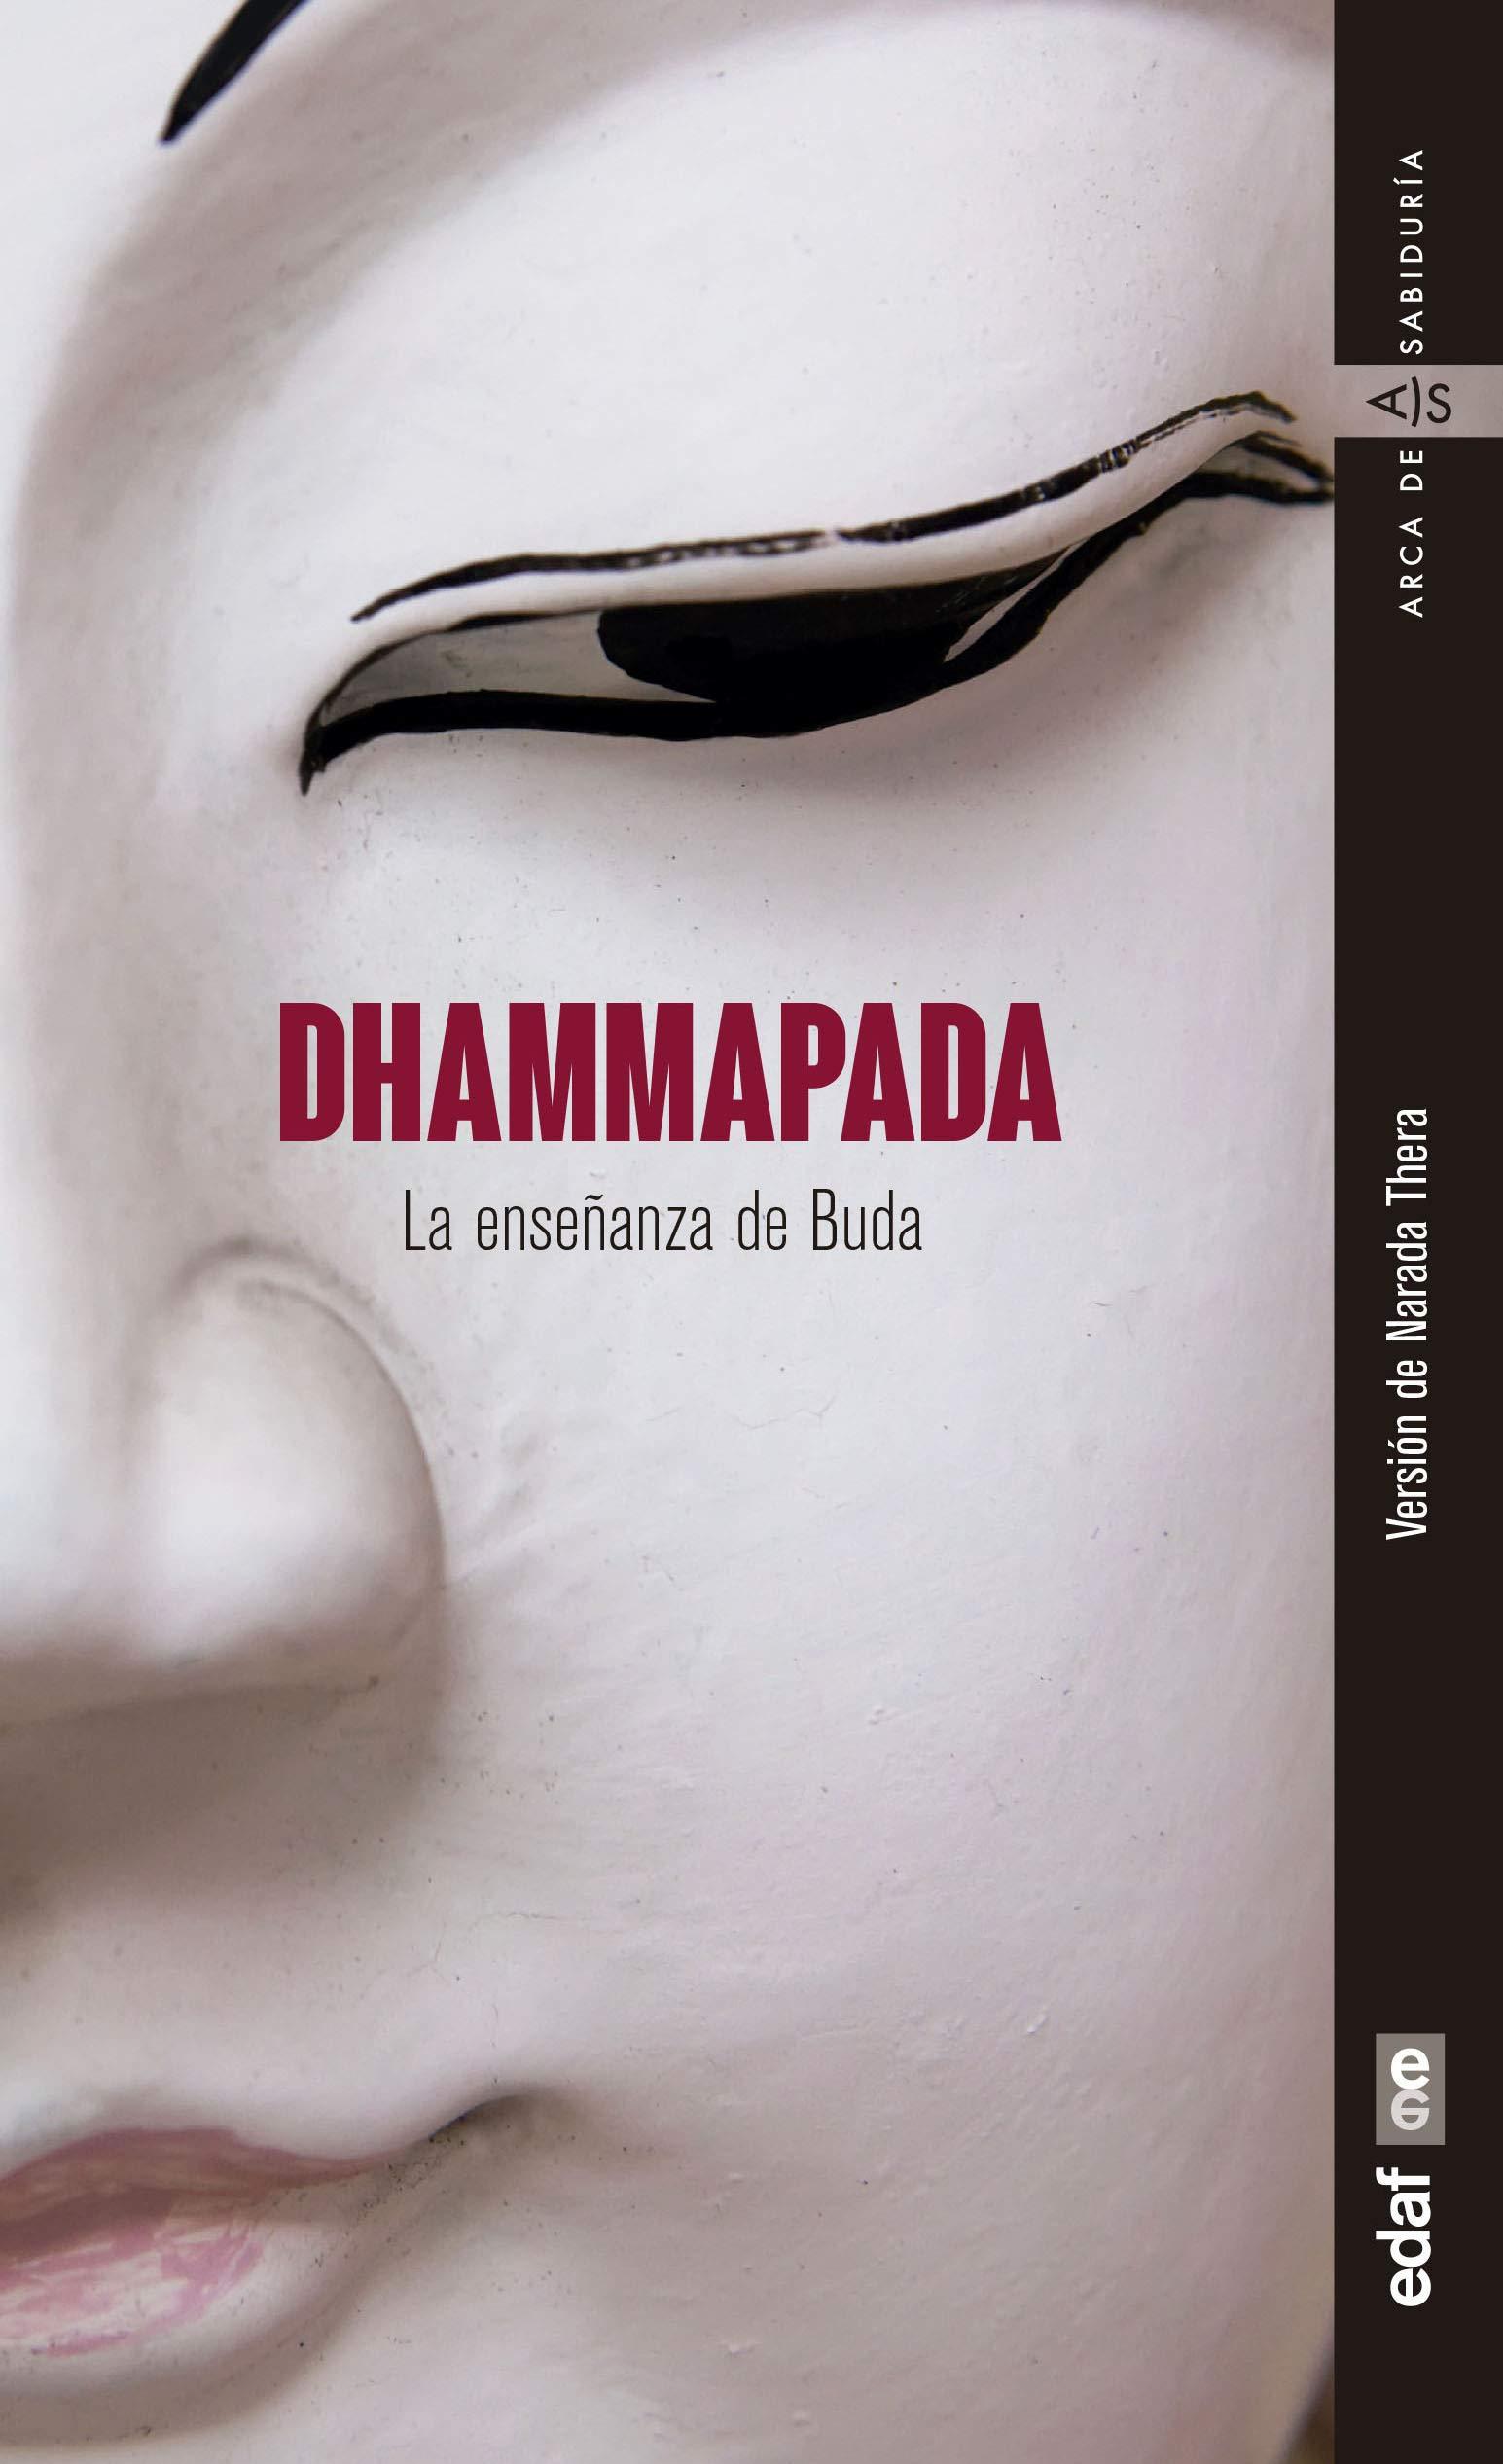 Dhammapada (Arca de Sabiduría)